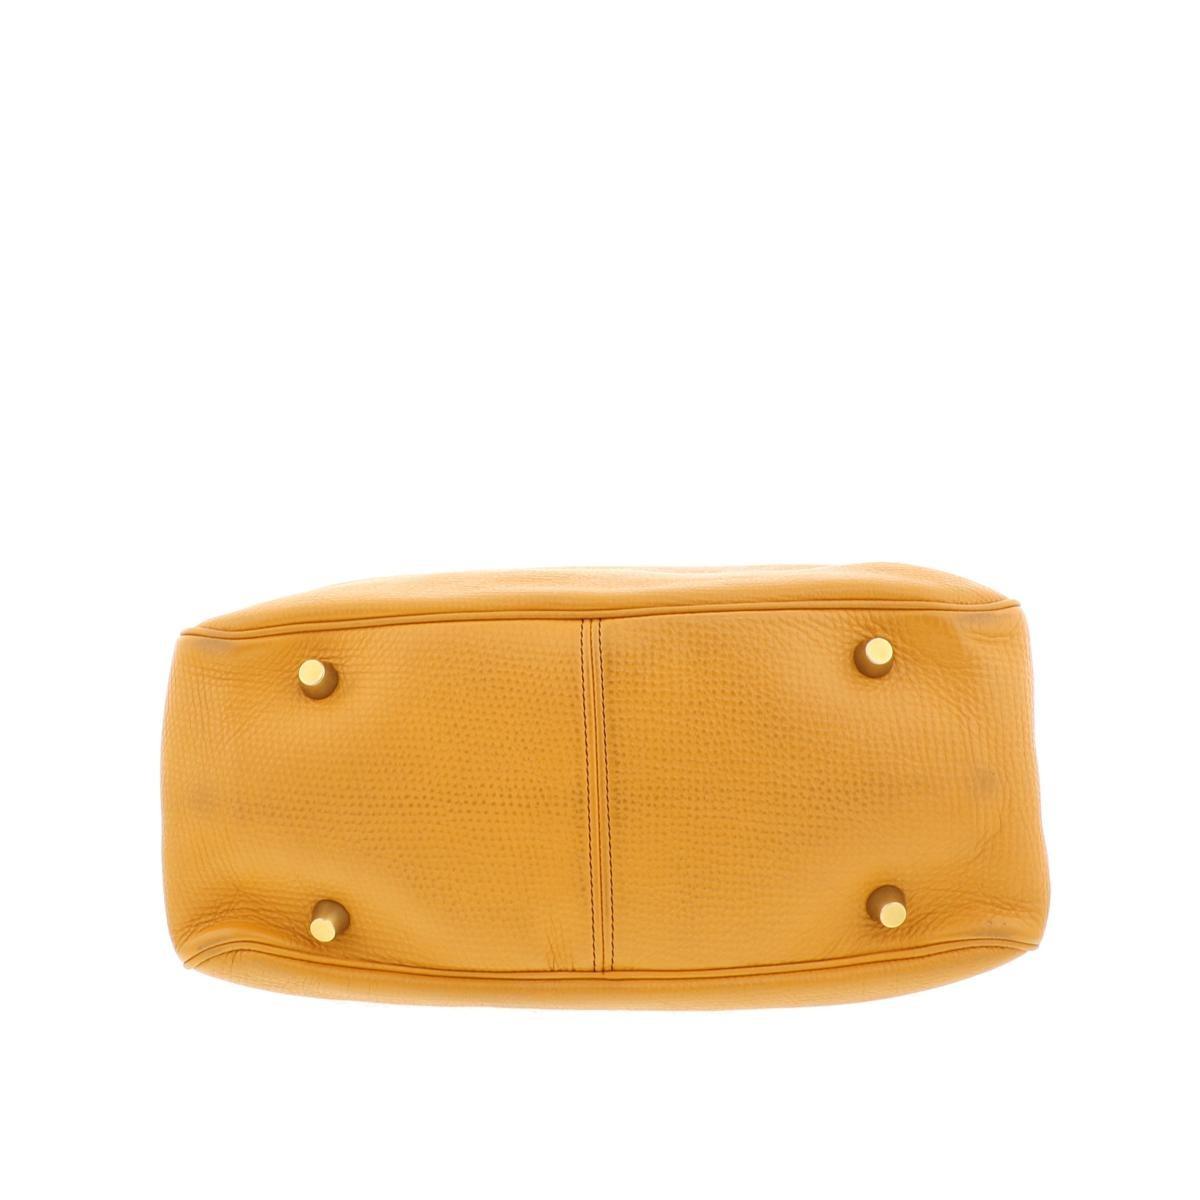 【即日発送・水曜定休日・木曜発送】【中古】【RI】 CELINE (セリーヌ) ニューブギーバッグ バッグ ハンドバッグ New boogie bag Orange/オレンジ